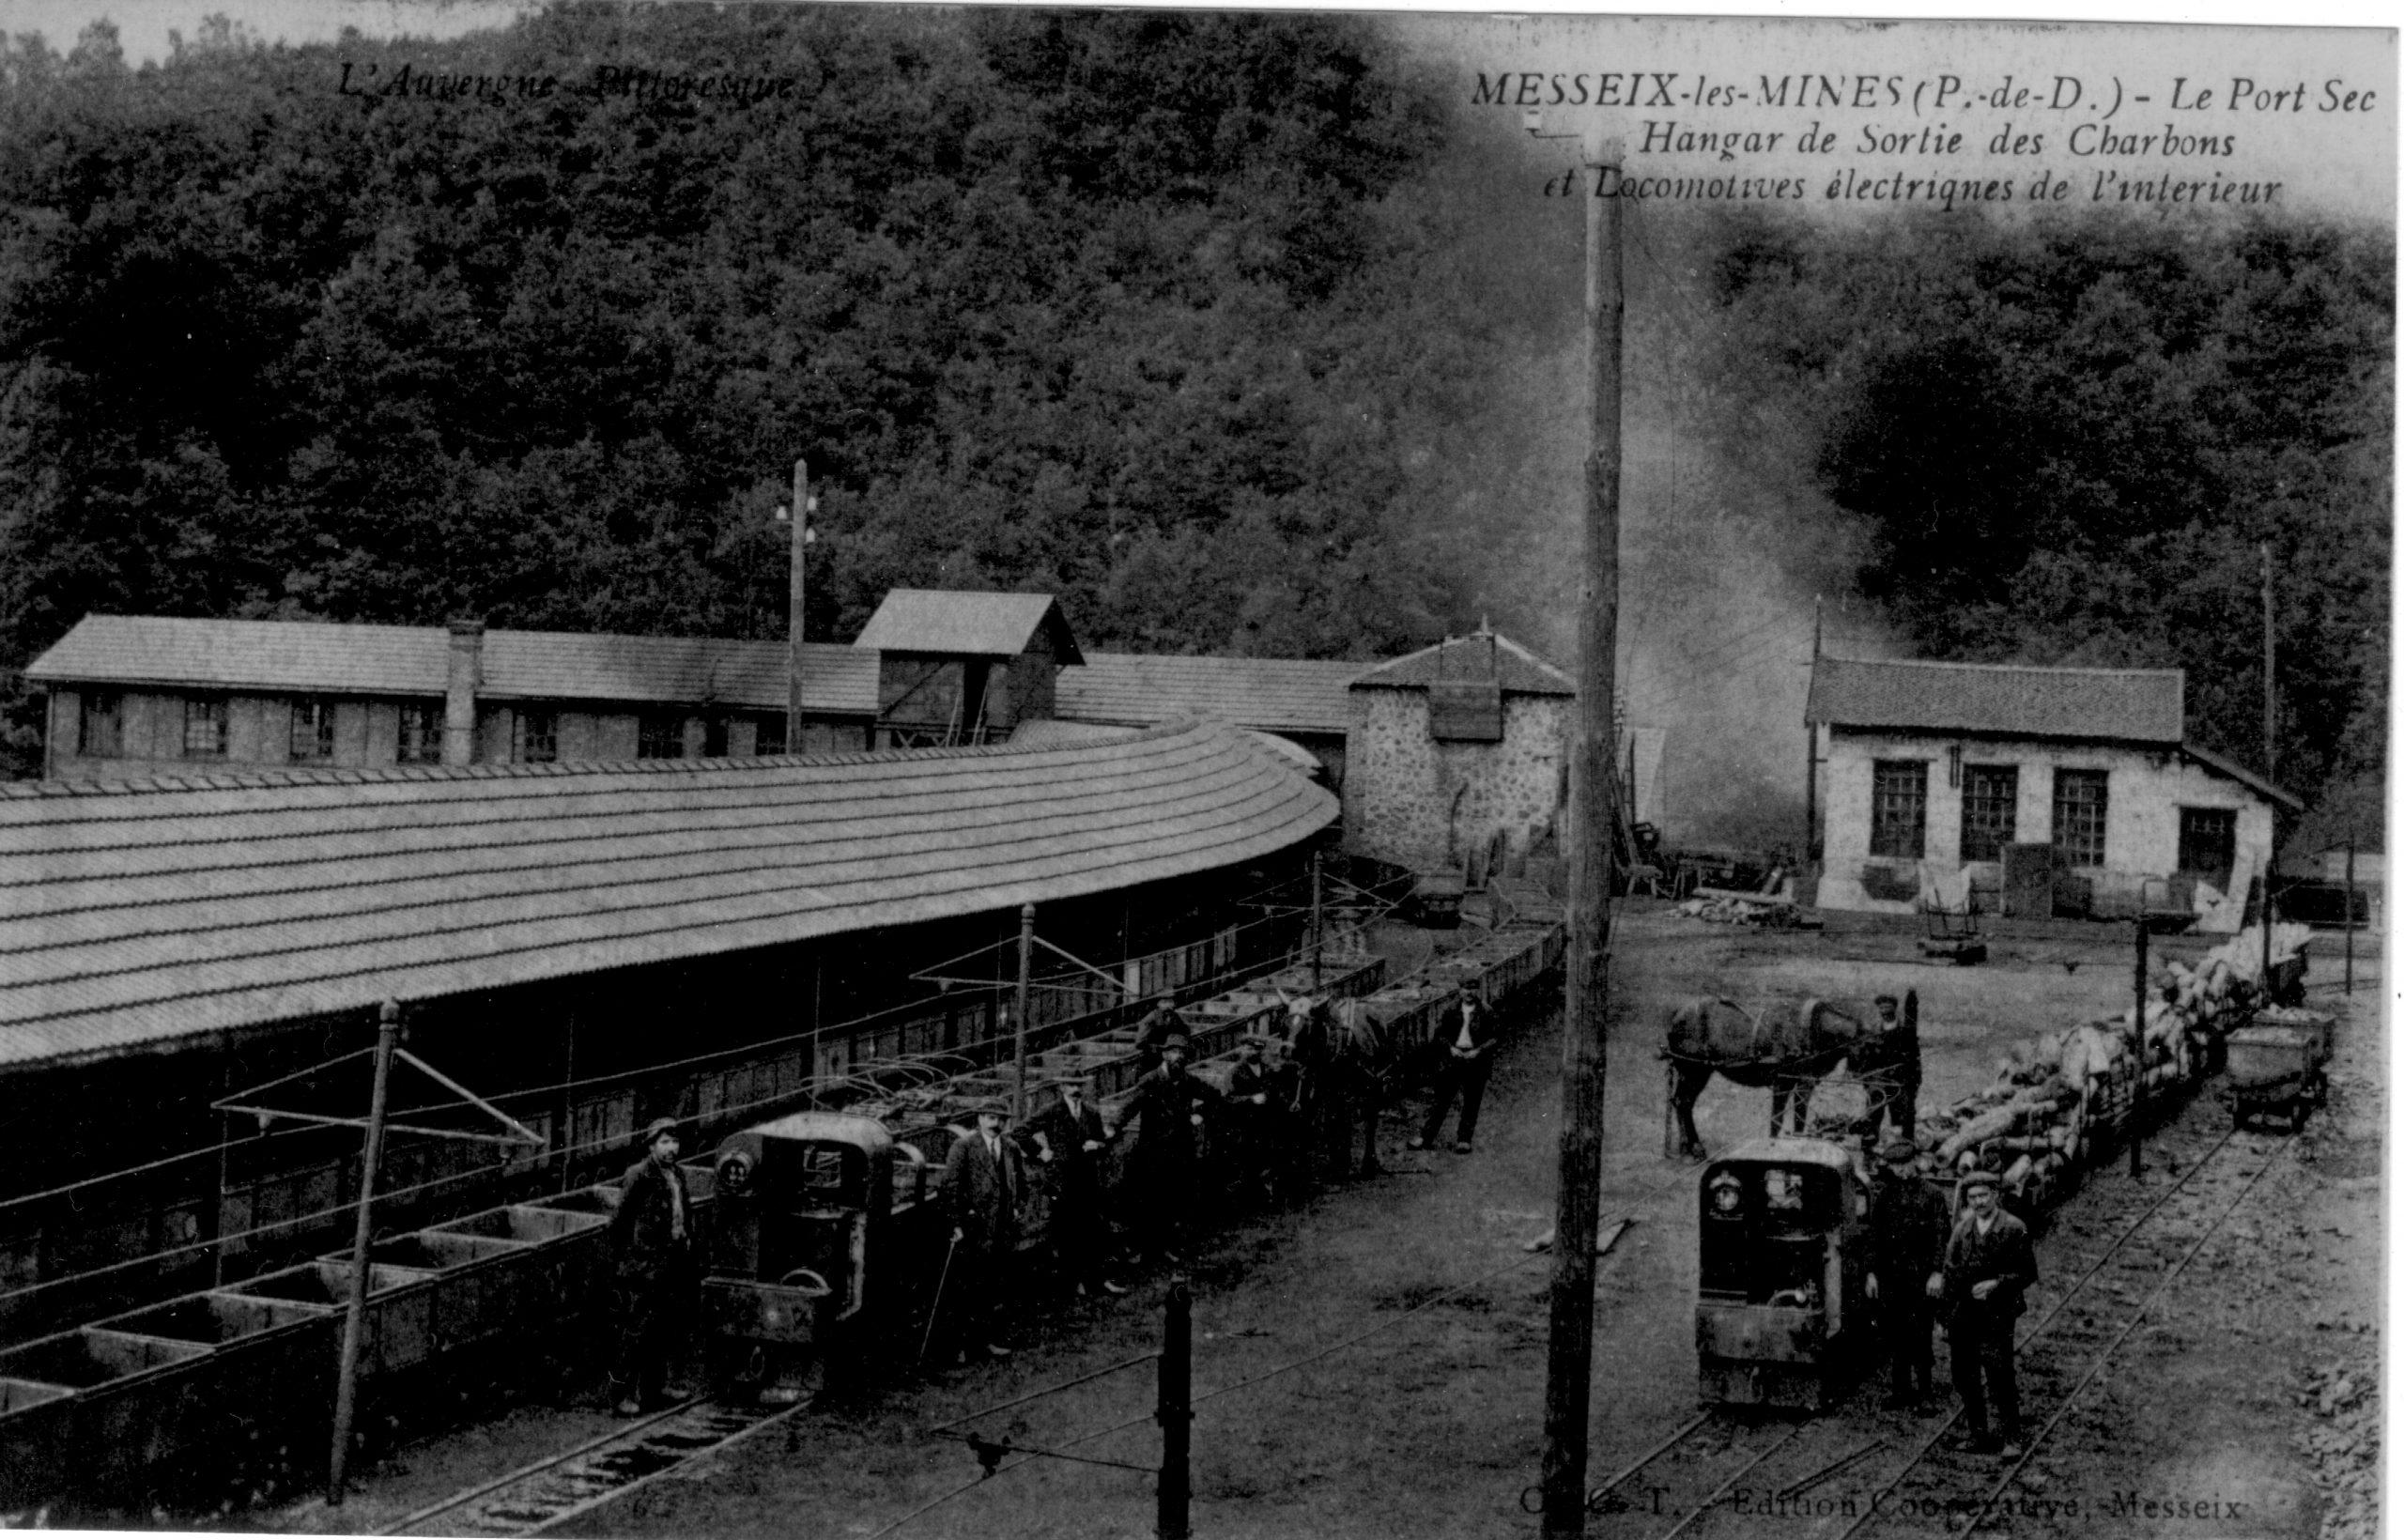 histoire du musée de la mine de Messeix-desserte ferroviaire du Port Sec- Les berlines et les chevaux